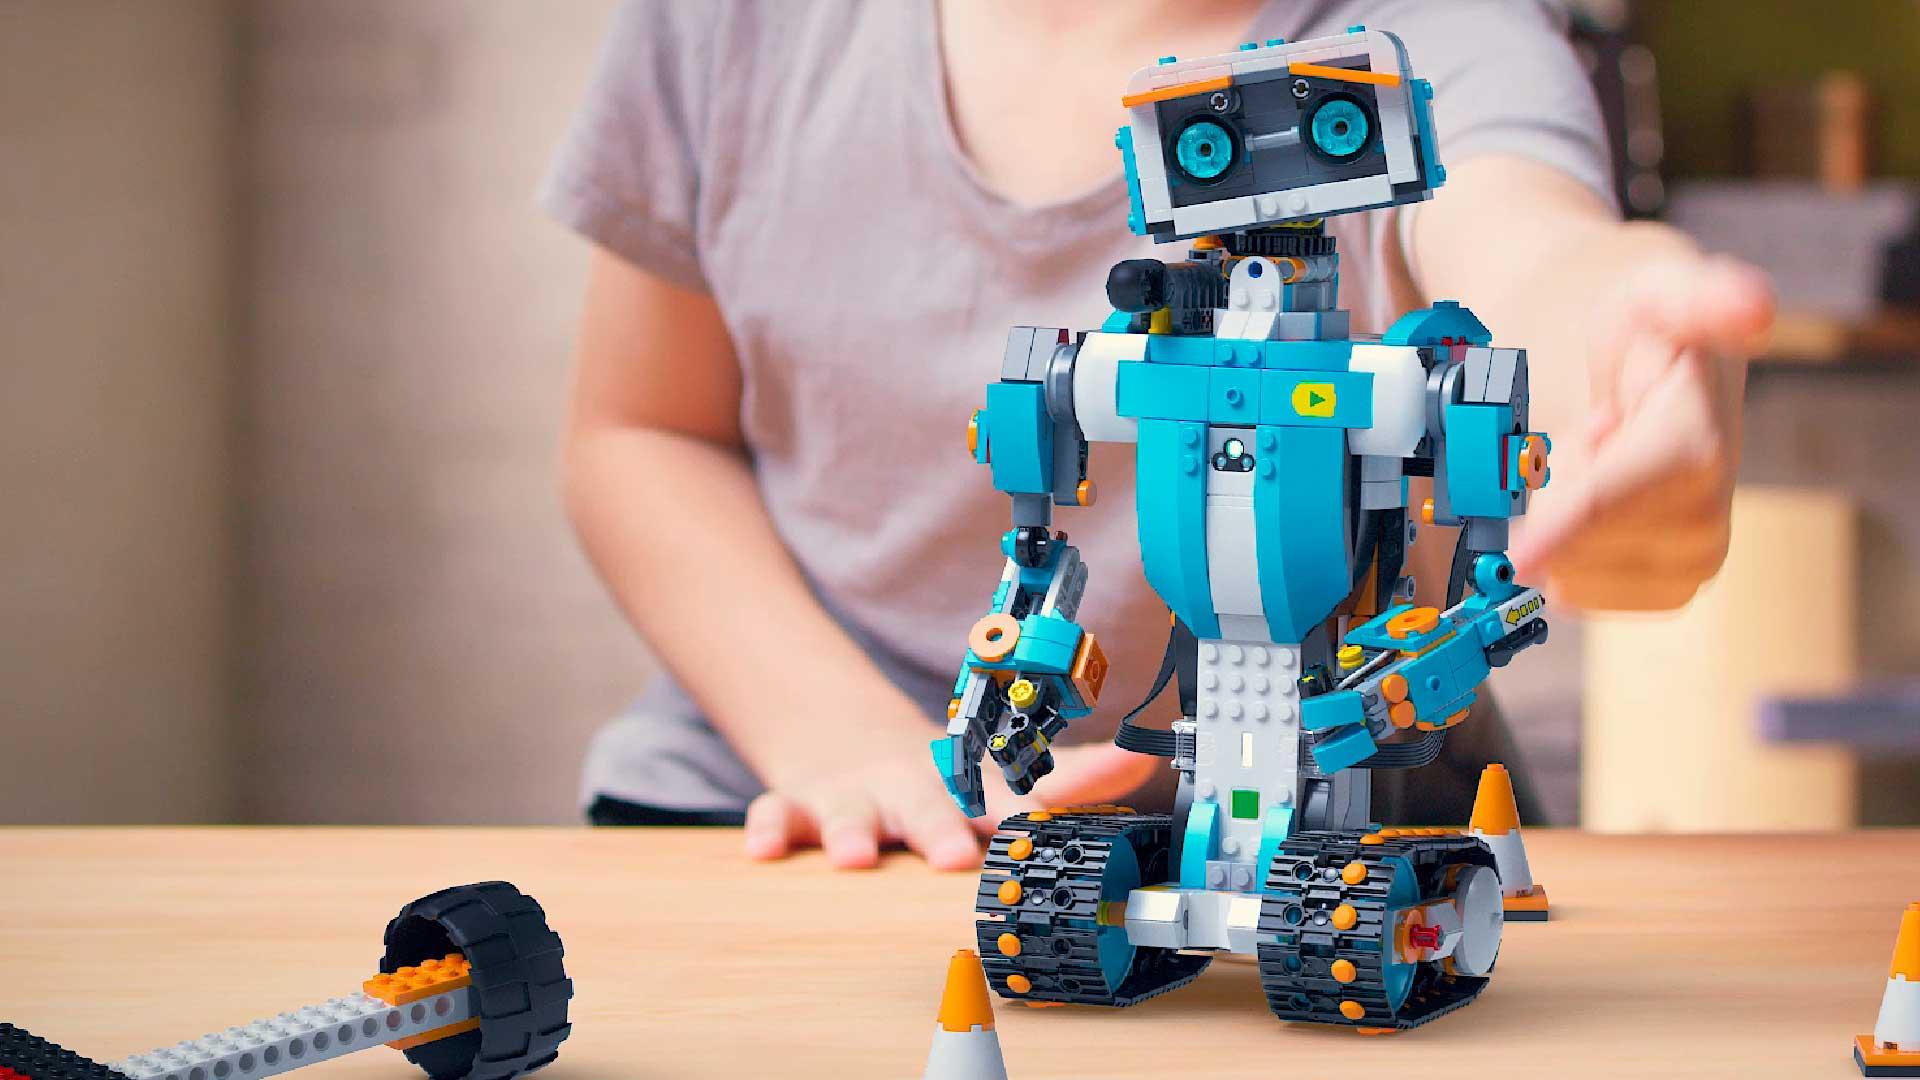 Лучшие роботы игрушки для детей разного возраста